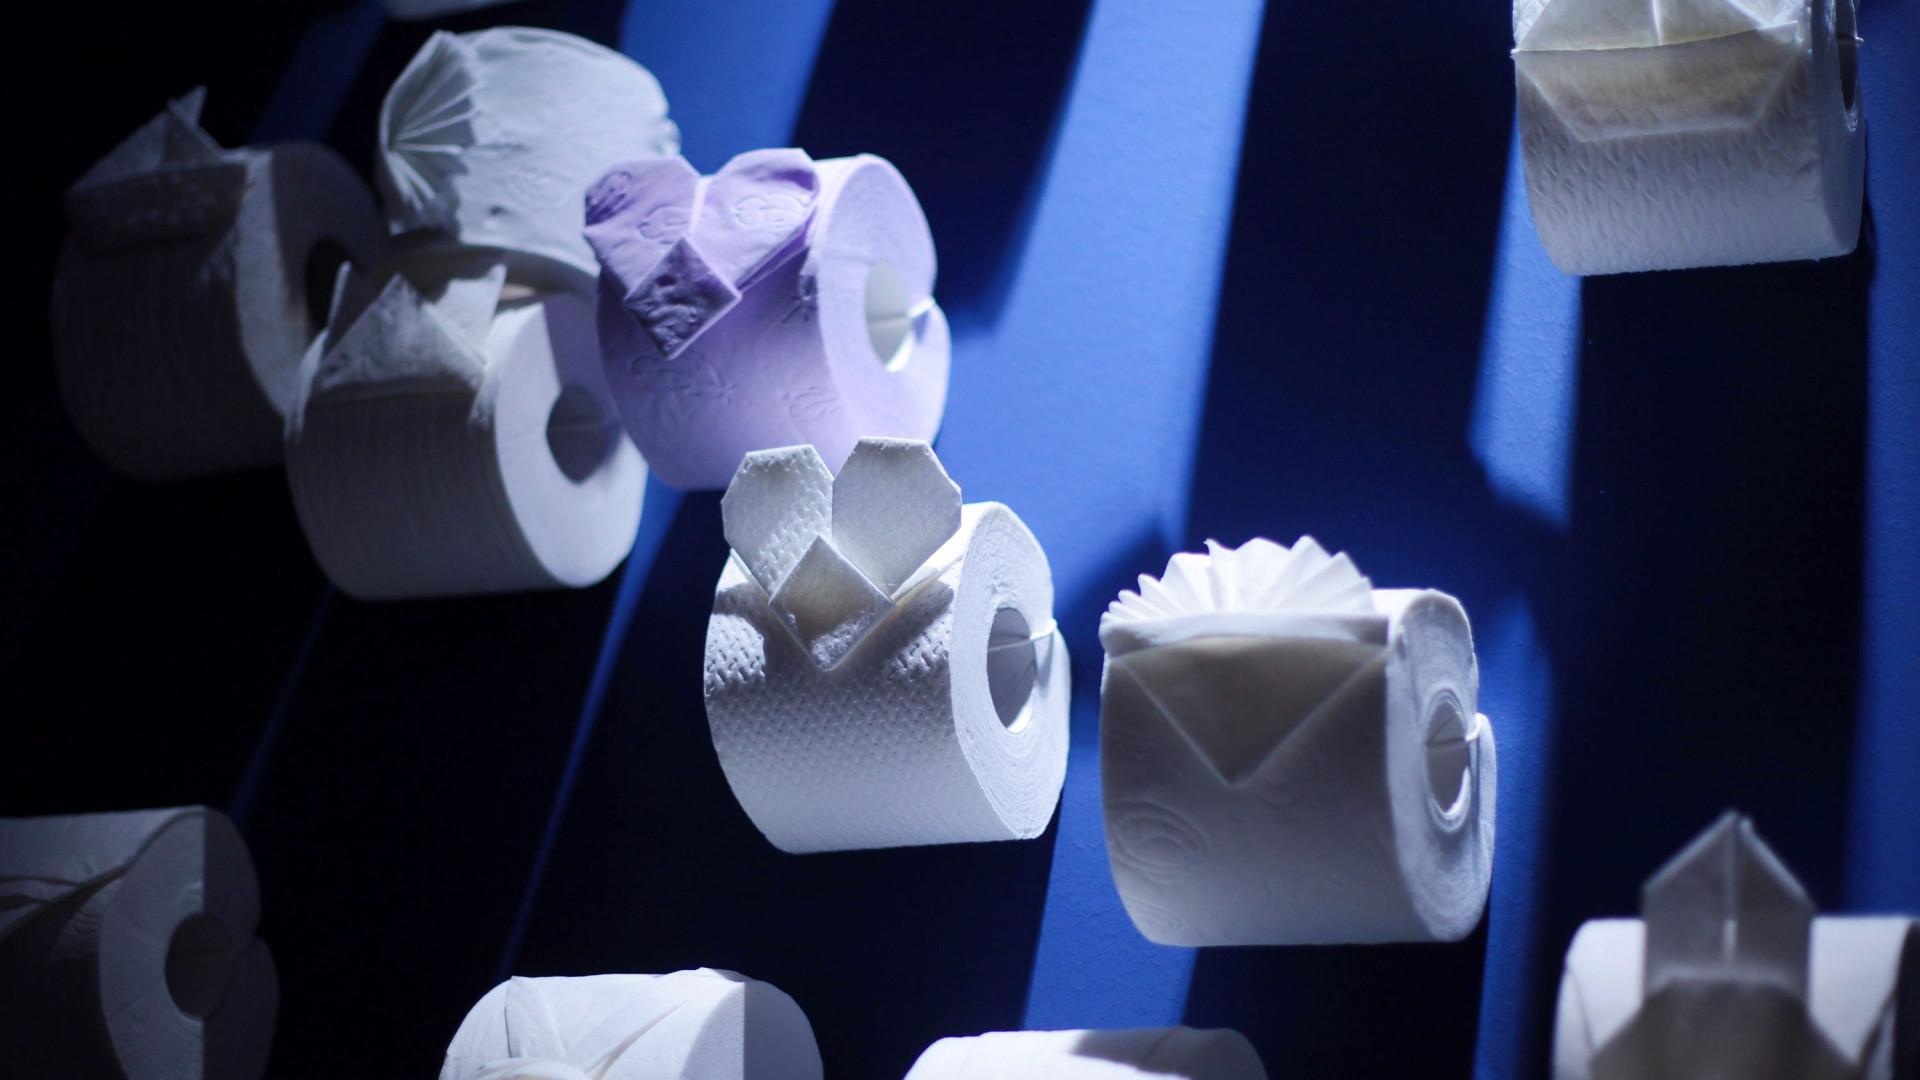 Produtor de papel higiénico começou a indemnizar 12,5 milhões de pessoas